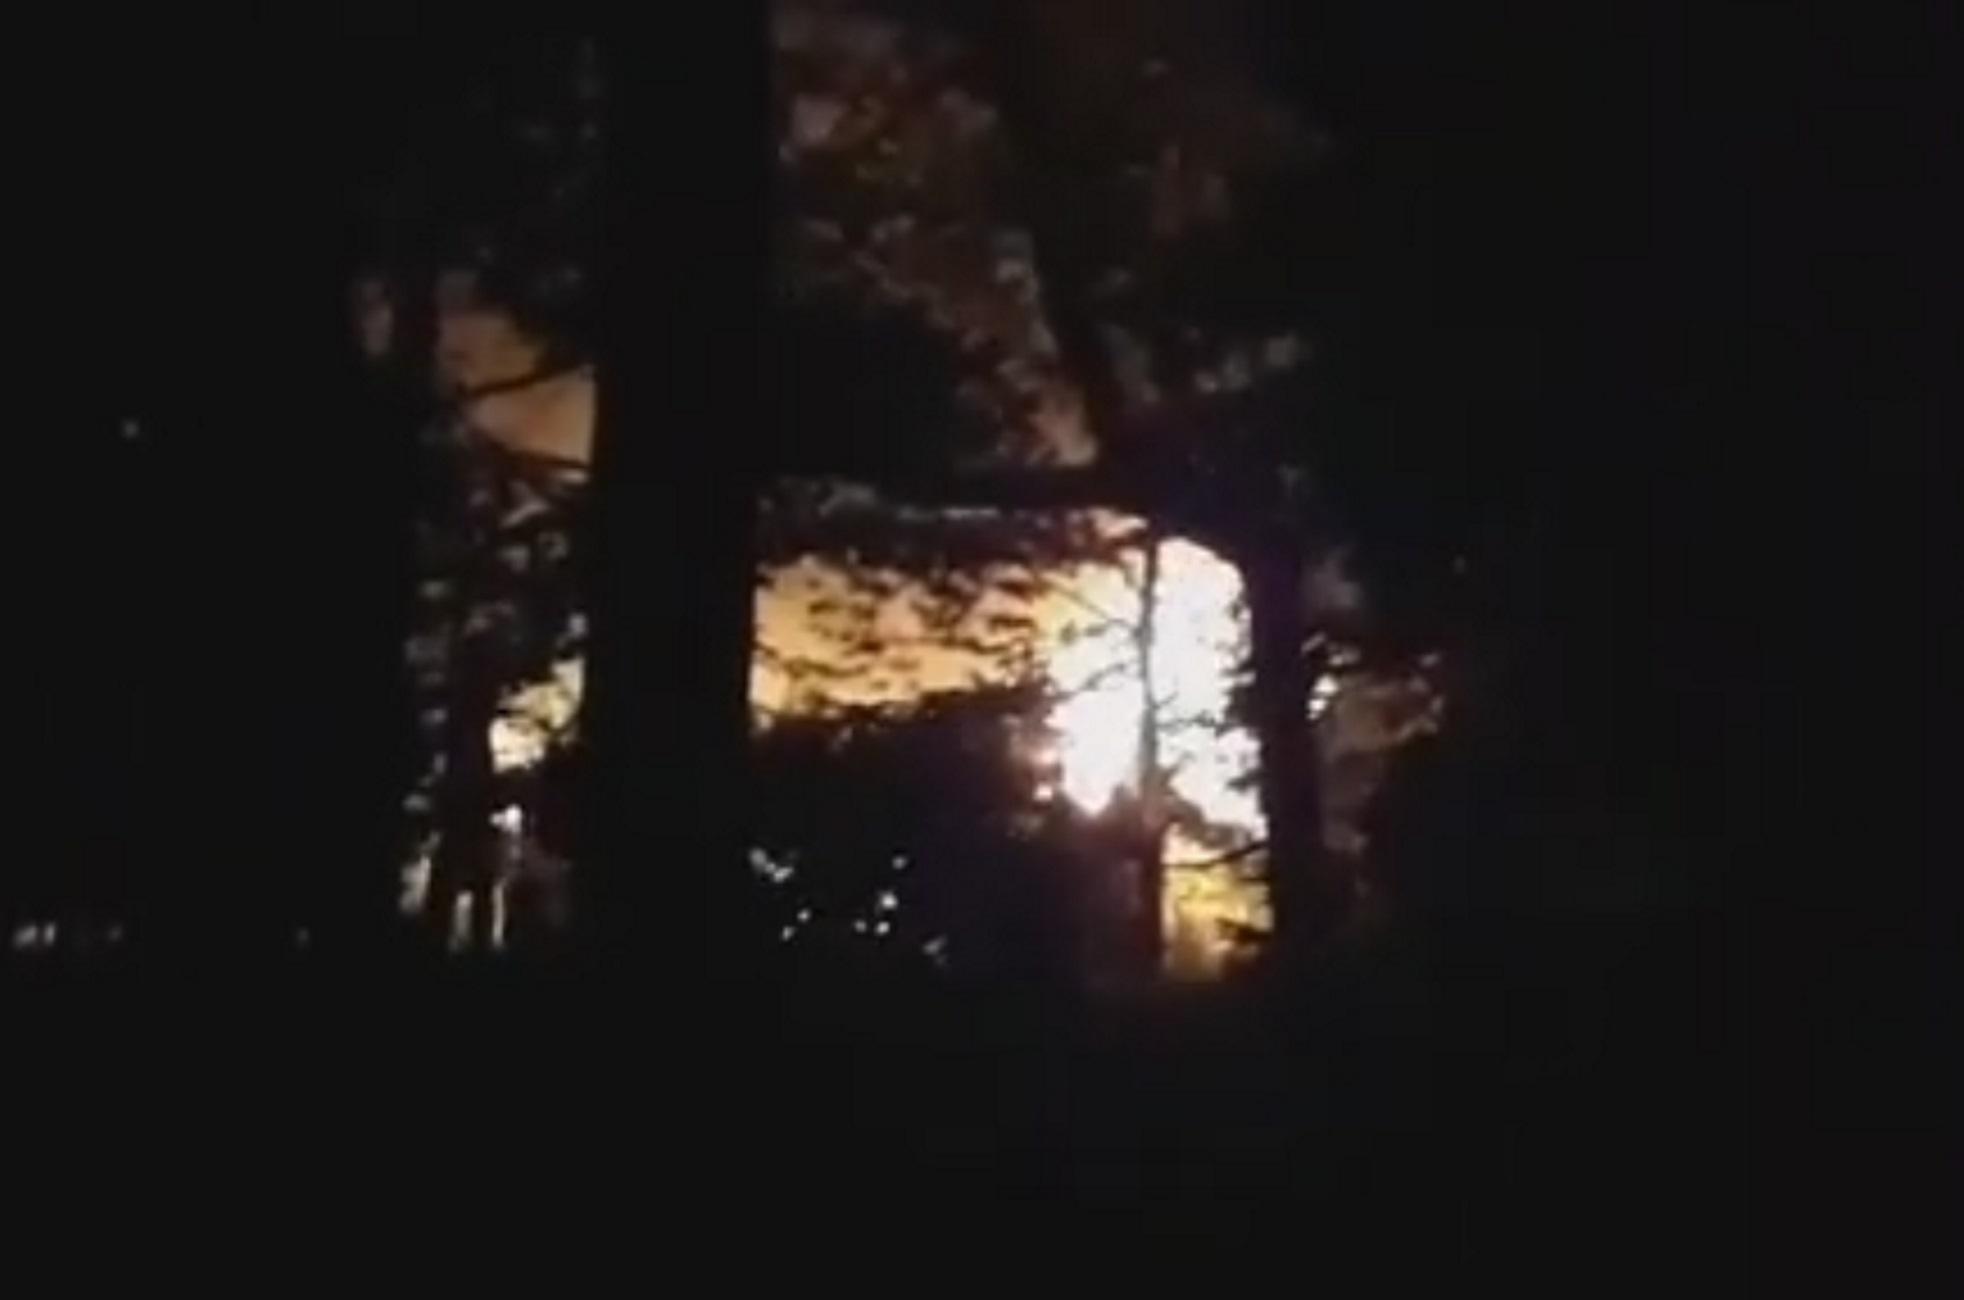 Σέρρες: Φωτιά σε πνεύμονα πρασίνου! Αυτοψία στο πάρκο της κοιλάδας Αγίων Αναργύρων (Βίντεο)